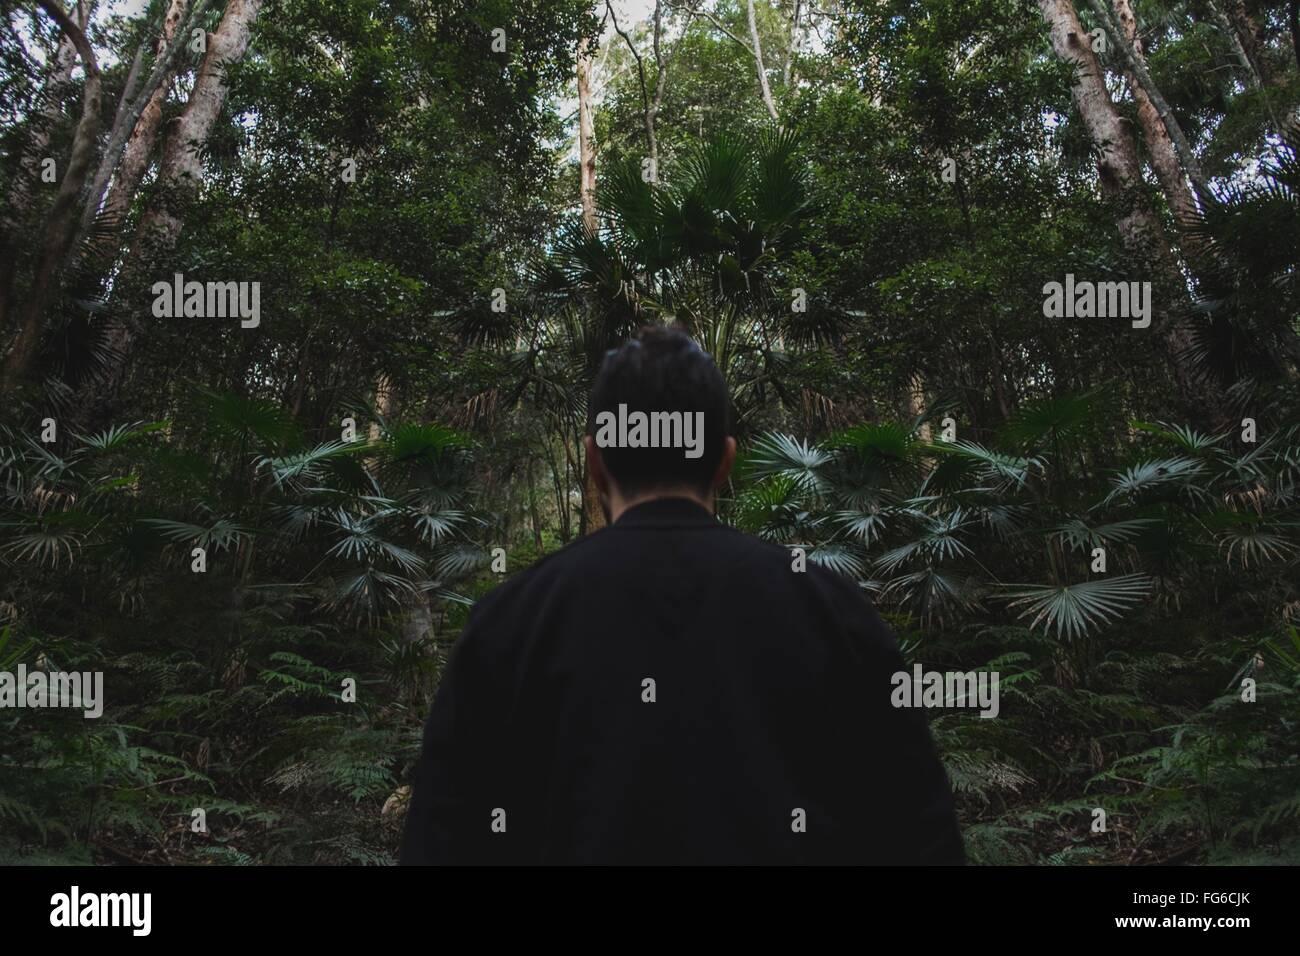 Vista trasera del hombre de pie por los árboles en el bosque Imagen De Stock